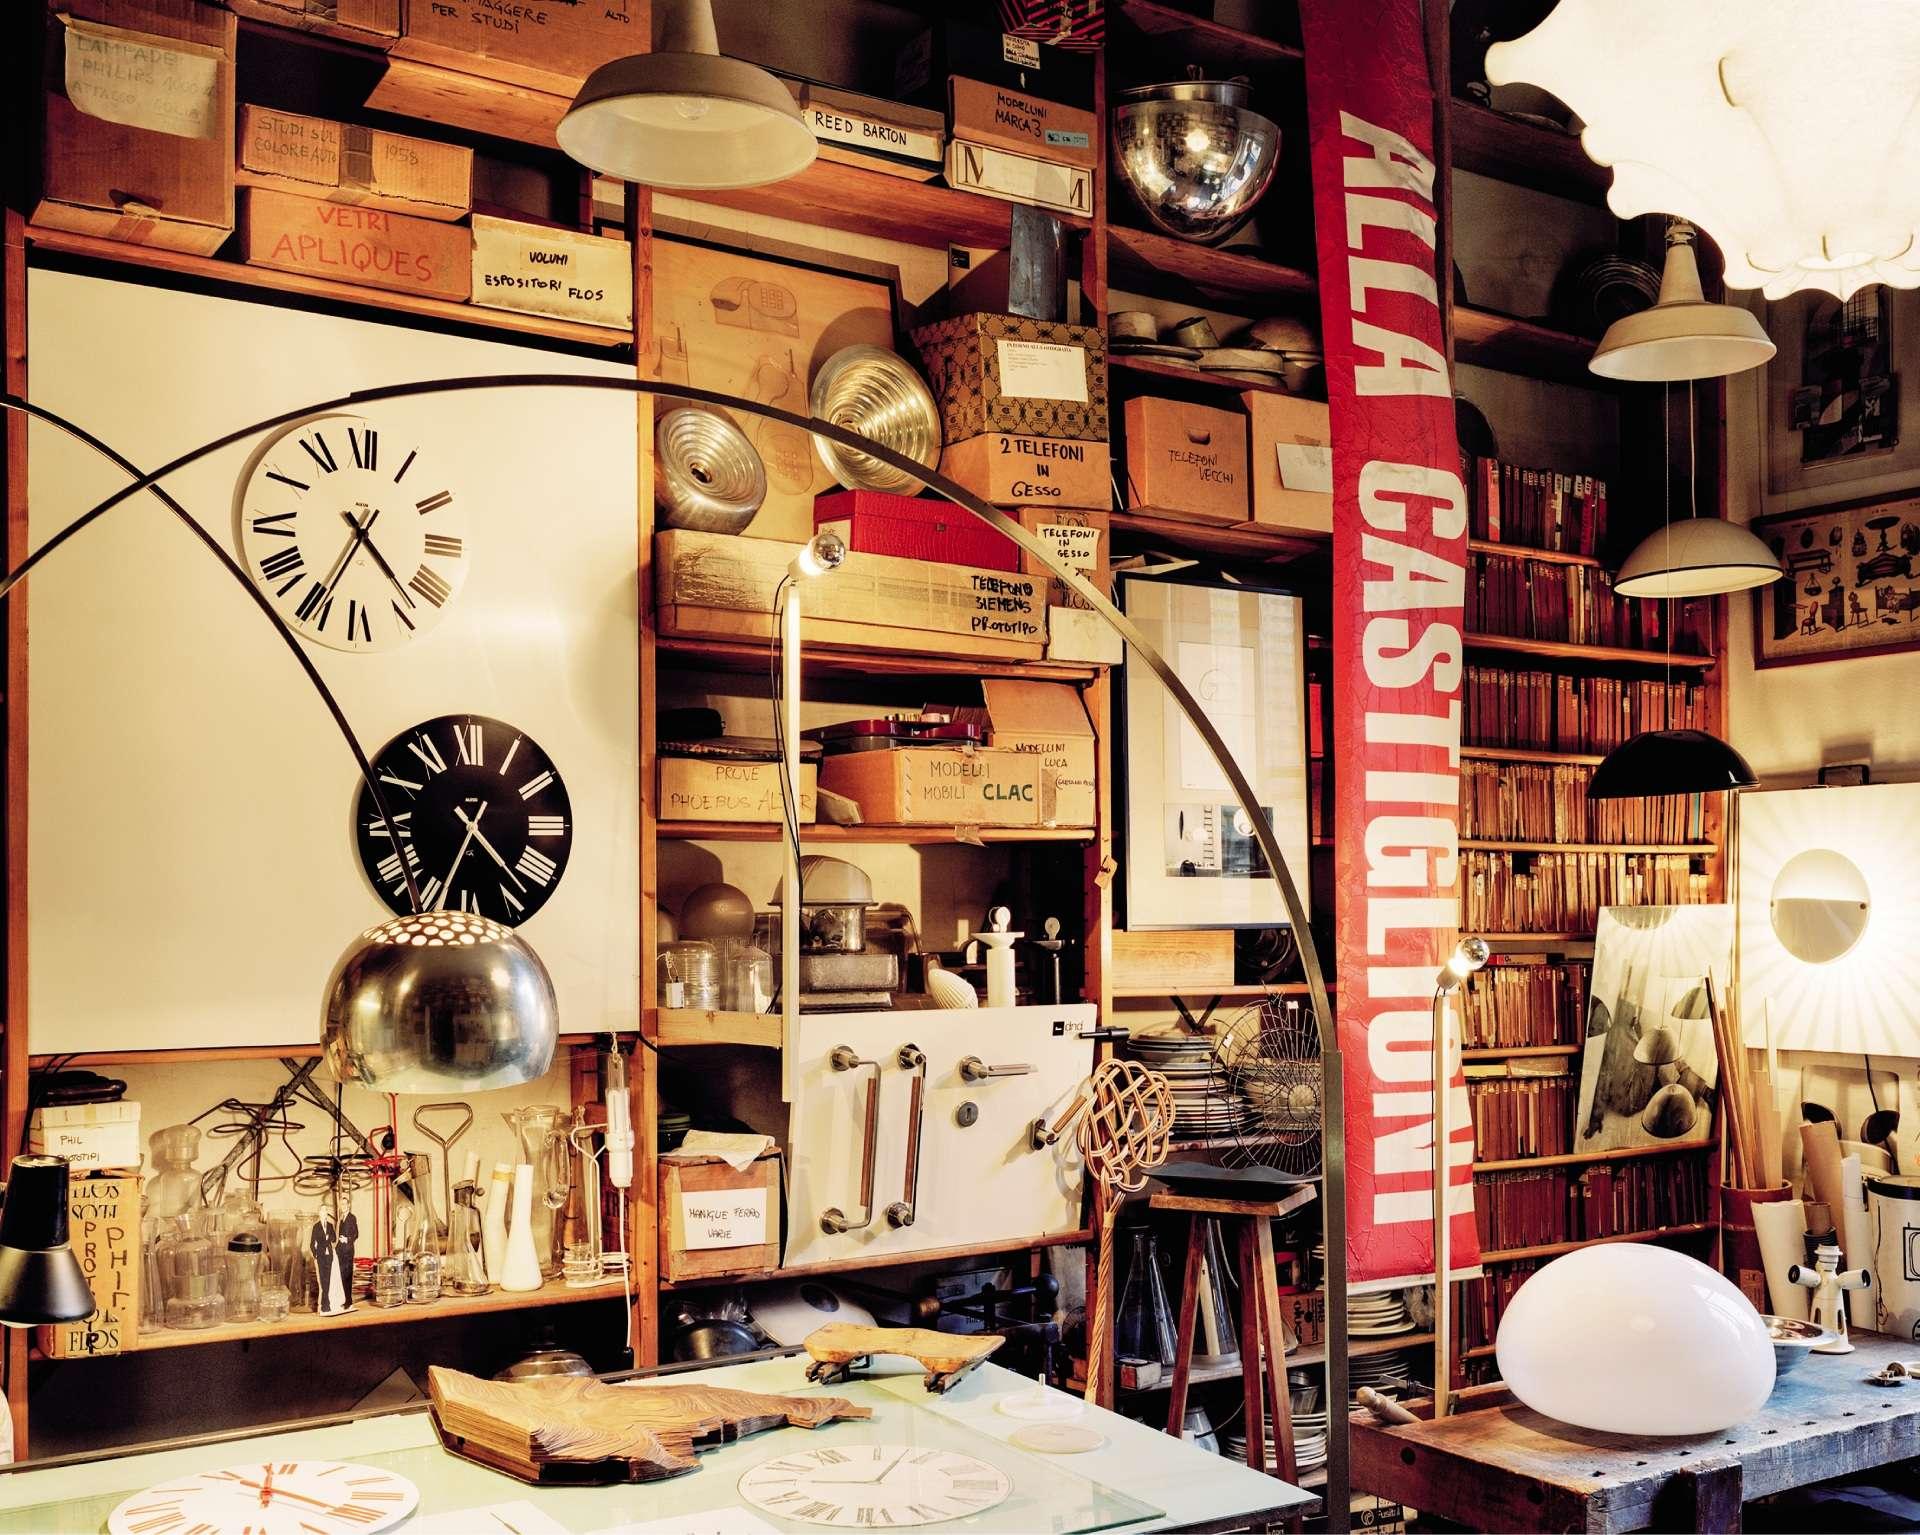 Berceau de l'architecture et du design industriels, Milan abrite les ateliers des grands noms du design italien du xxe siècle. Le photographe Romain Courtemanche a saisi l'atmosphère de ces studios mythiques.Adepte d'un design teinté d'humour, Achille Castiglioni (1918-2002) a beaucoup travaillé avec son frère Pier Giacomo. Très dynamique, la Fondation qui lui y est consacrée propose des visites sur rendez-vous et des expositions temporaires. Les amateurs sont invités à découvrir des pièces phares du designer, mais aussi à plonger dans son processus créatif. Ici, dans la salle des prototypes, le lampadaire Arco (à gauche, en aluminium) dessiné avec son frère en 1962. http://fondazioneachillecastiglioni.it